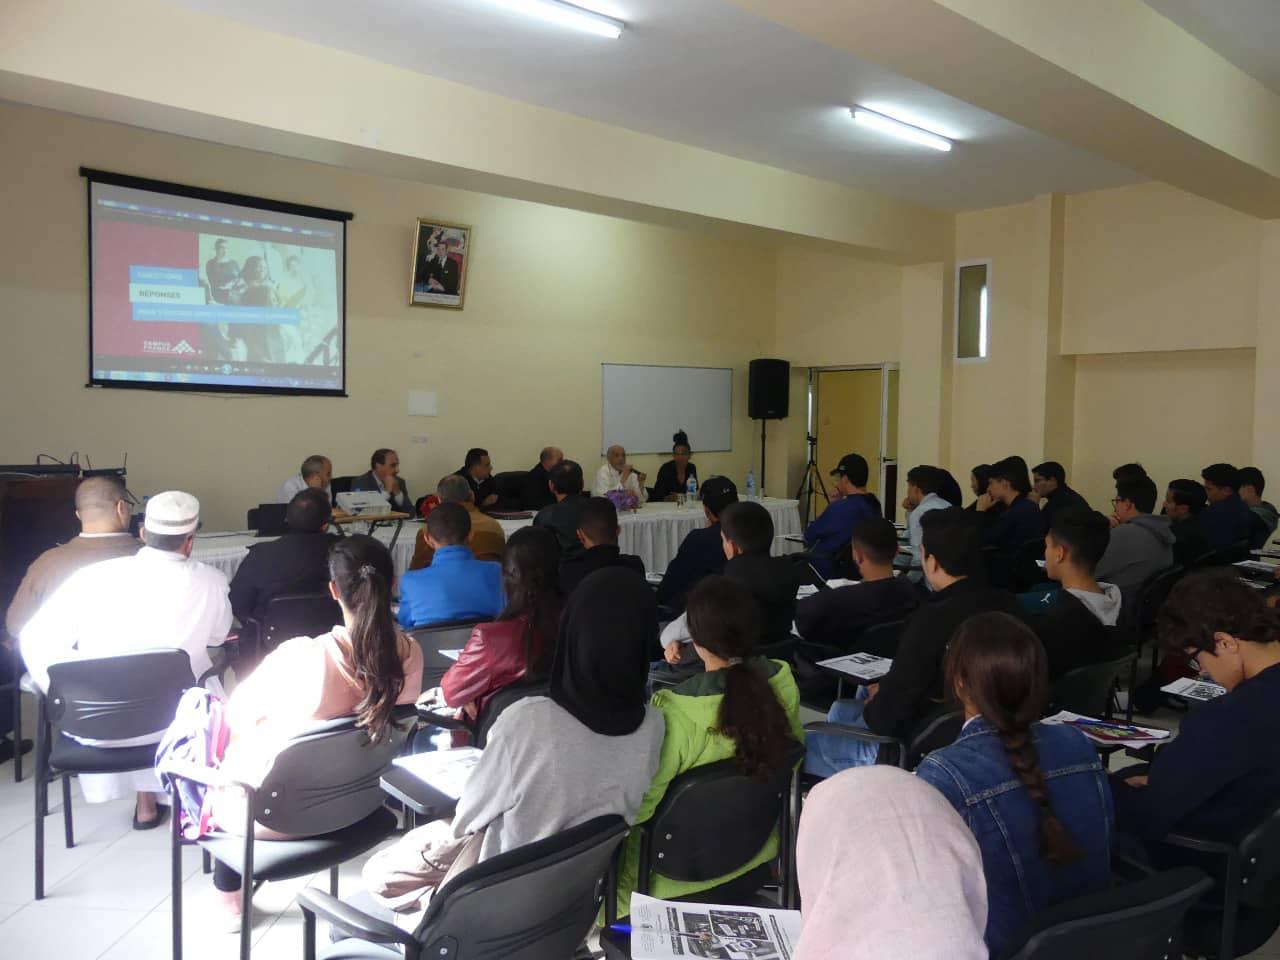 دورة تكوينية خاصة بالدراسة بفرنسا CAMPUS France لفائدة تلاميذ السنة الثانية باكلوريا